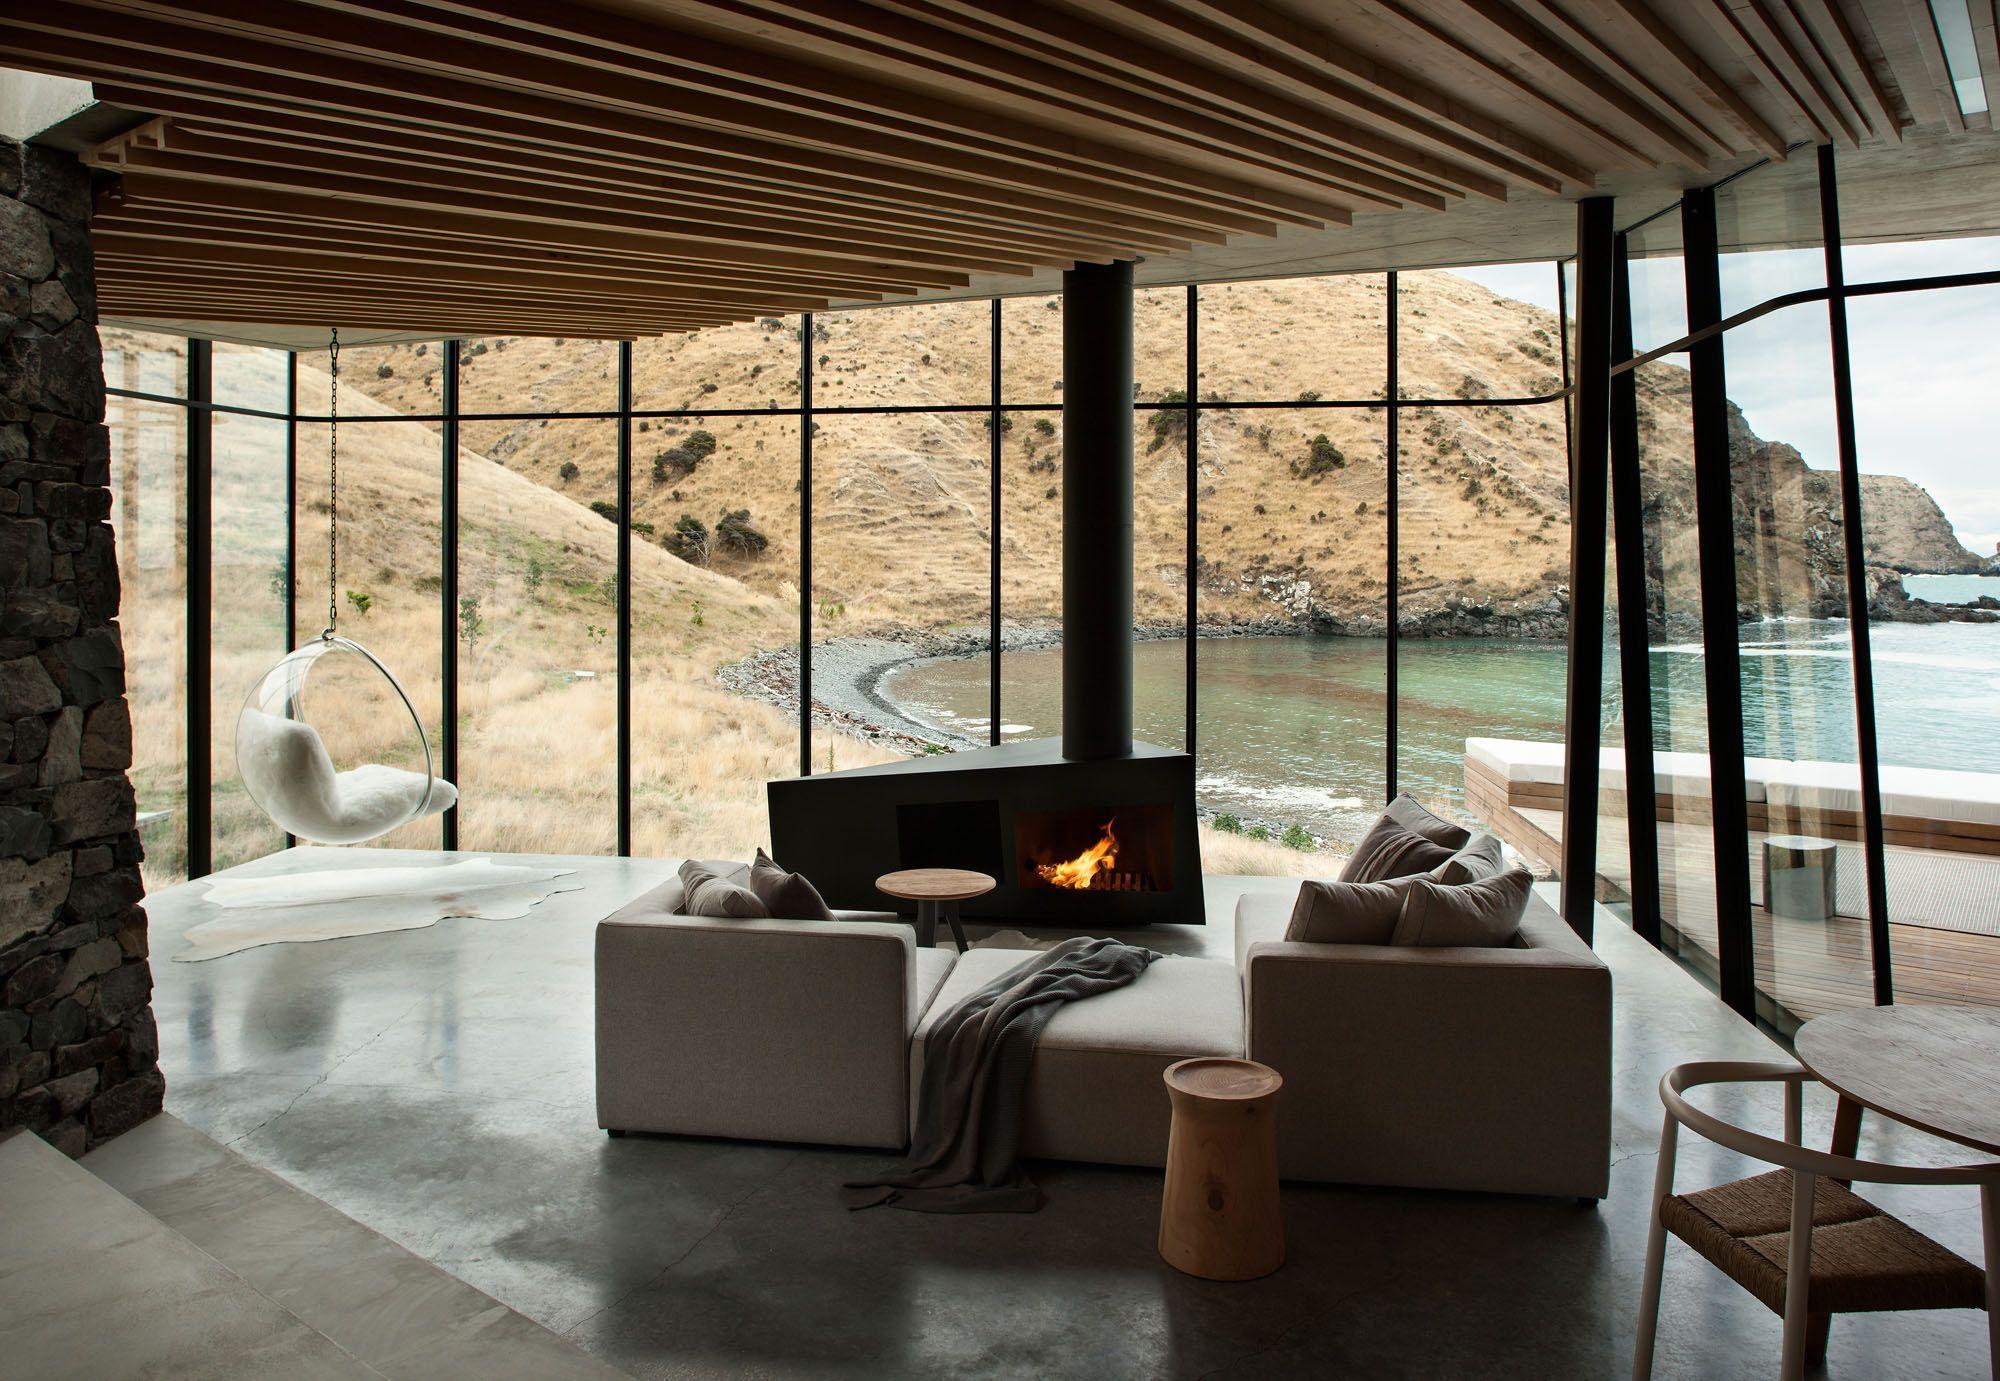 坐落在紐西蘭景致壯麗的鴿子灣、時尚摩登的木屋旅店Annandale(圖片來源:Mr&Mrs Smith)